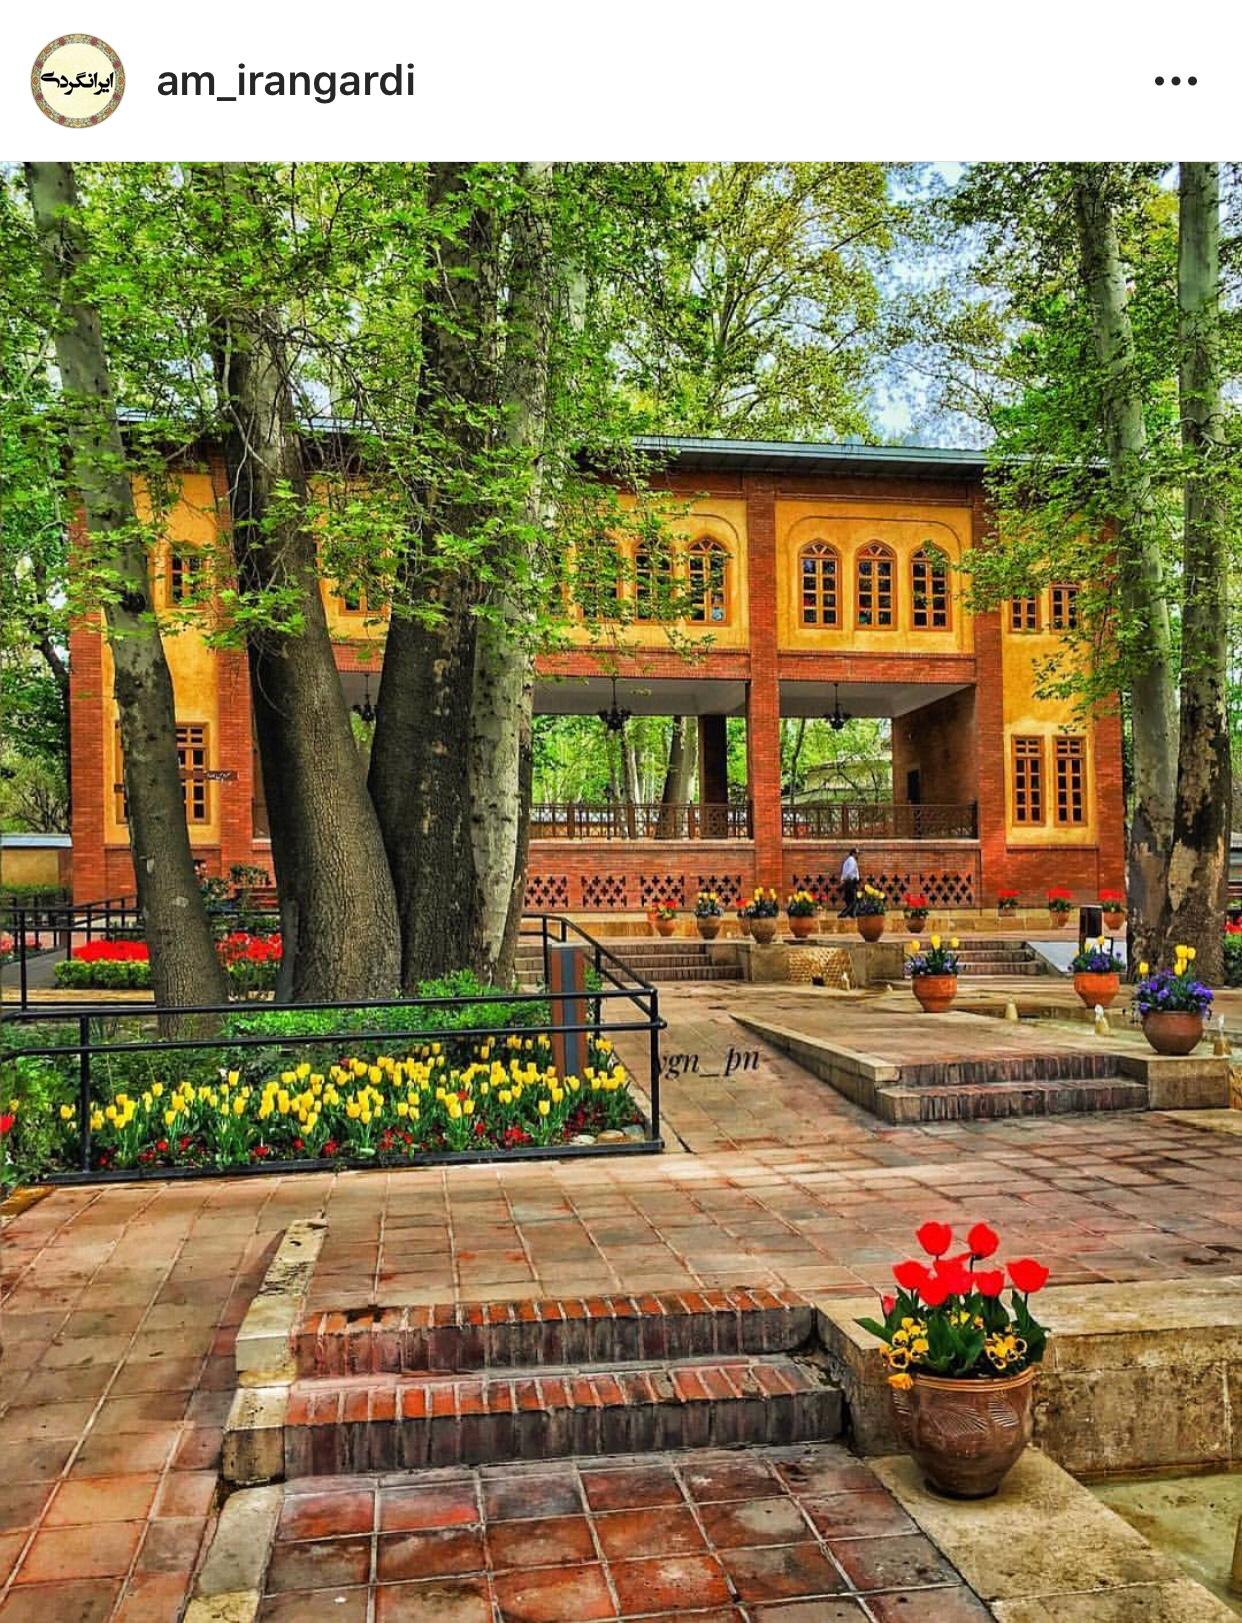 عدسة إيرانية: حديقة باغ ايراني في طهران 3